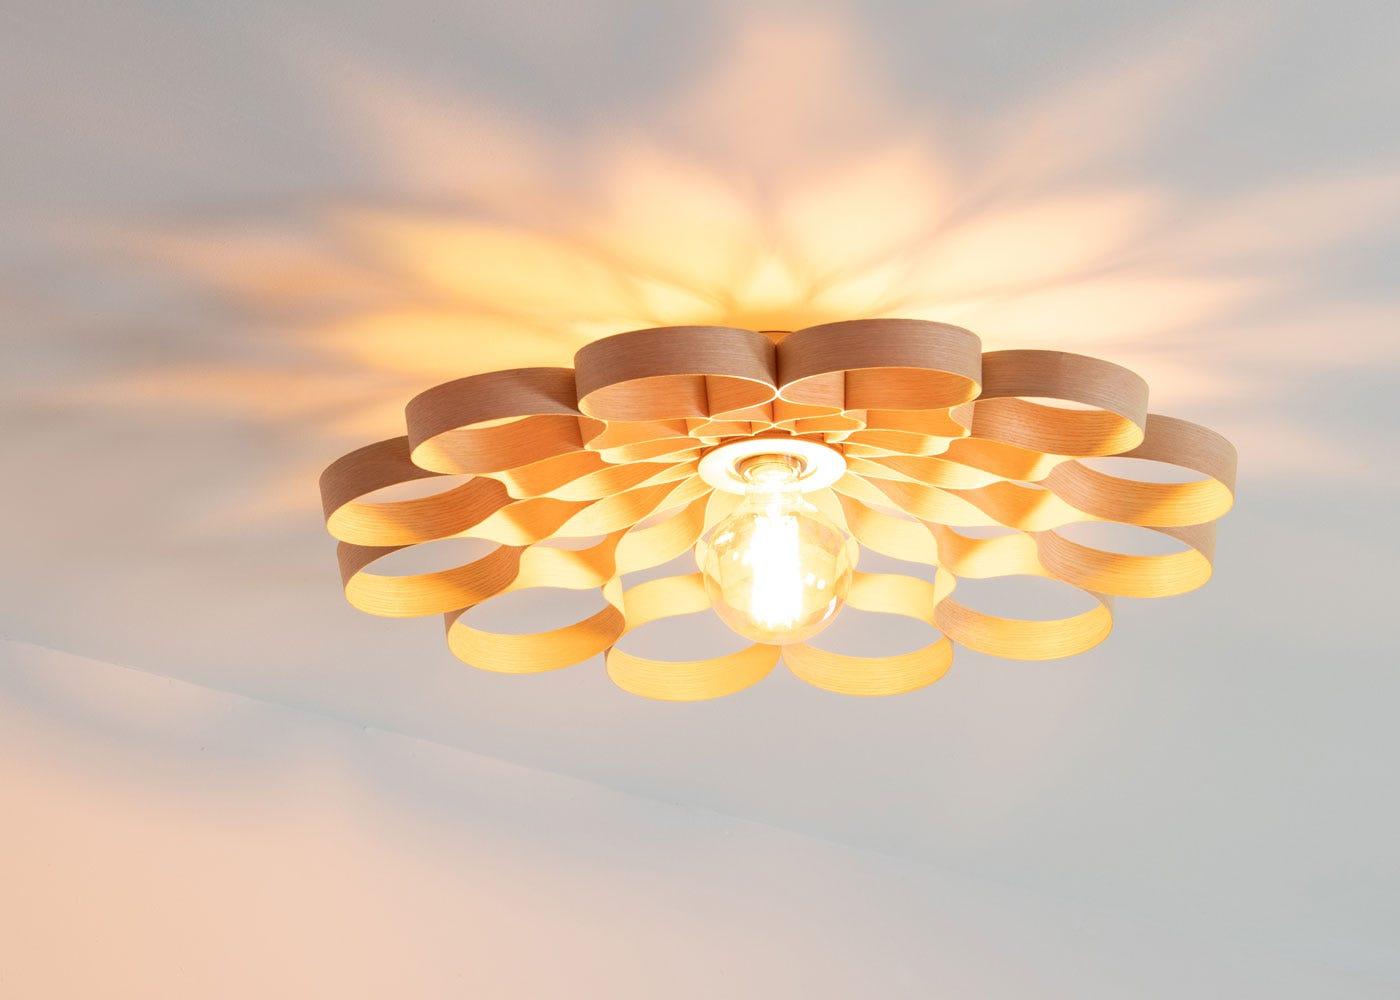 Arame Flush Ceiling Light Ash - On.